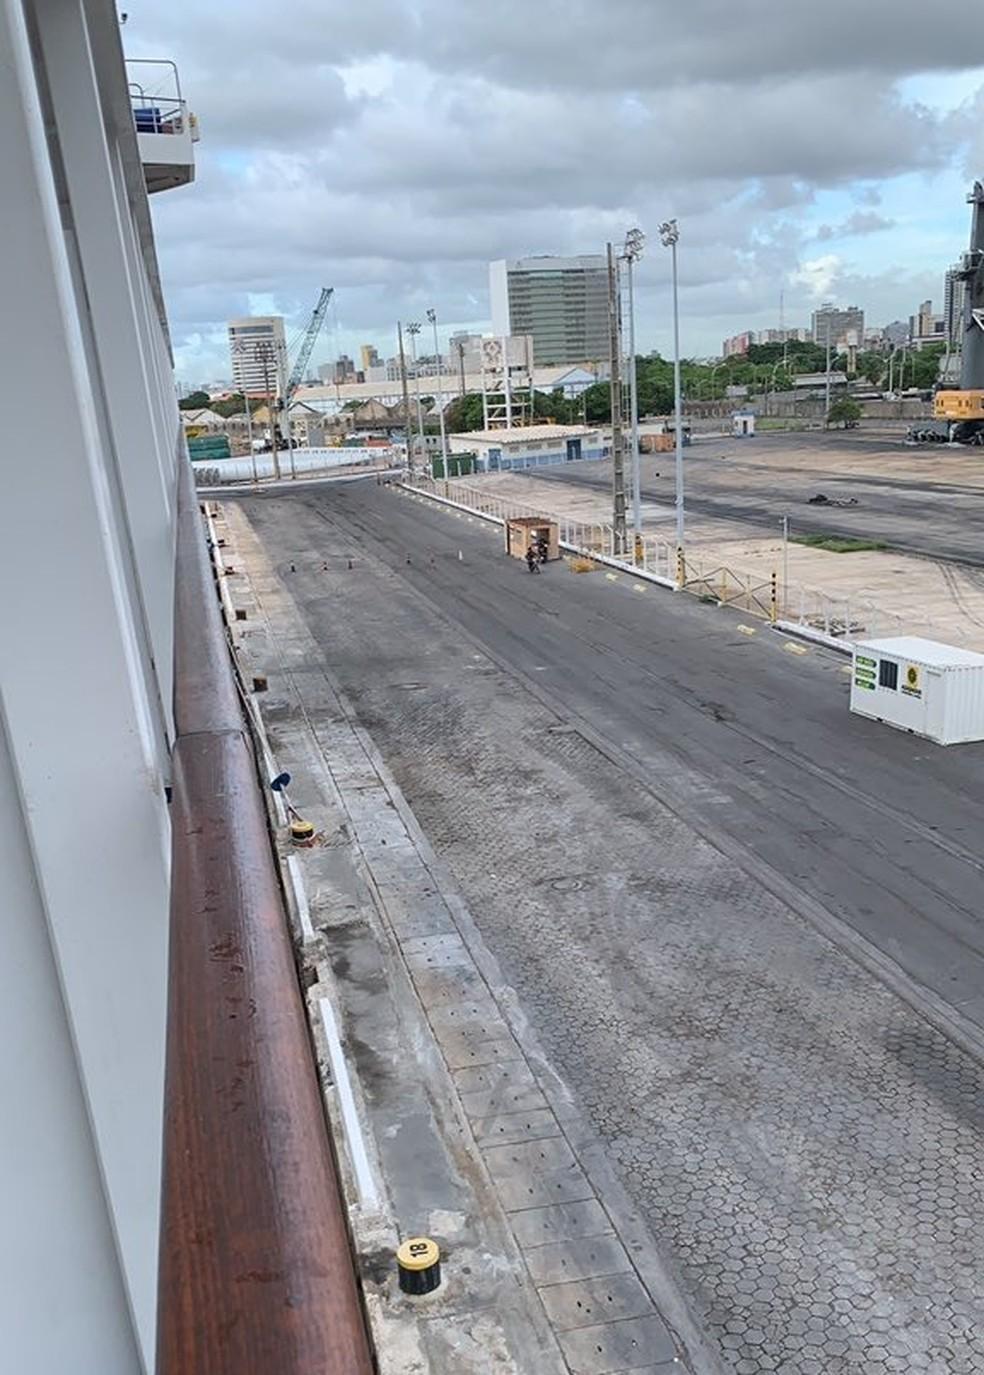 Vista da cabine do turista francês a bordo do navio retido no Porto do Recife  — Foto: Reprodução/Arquivo pessoal